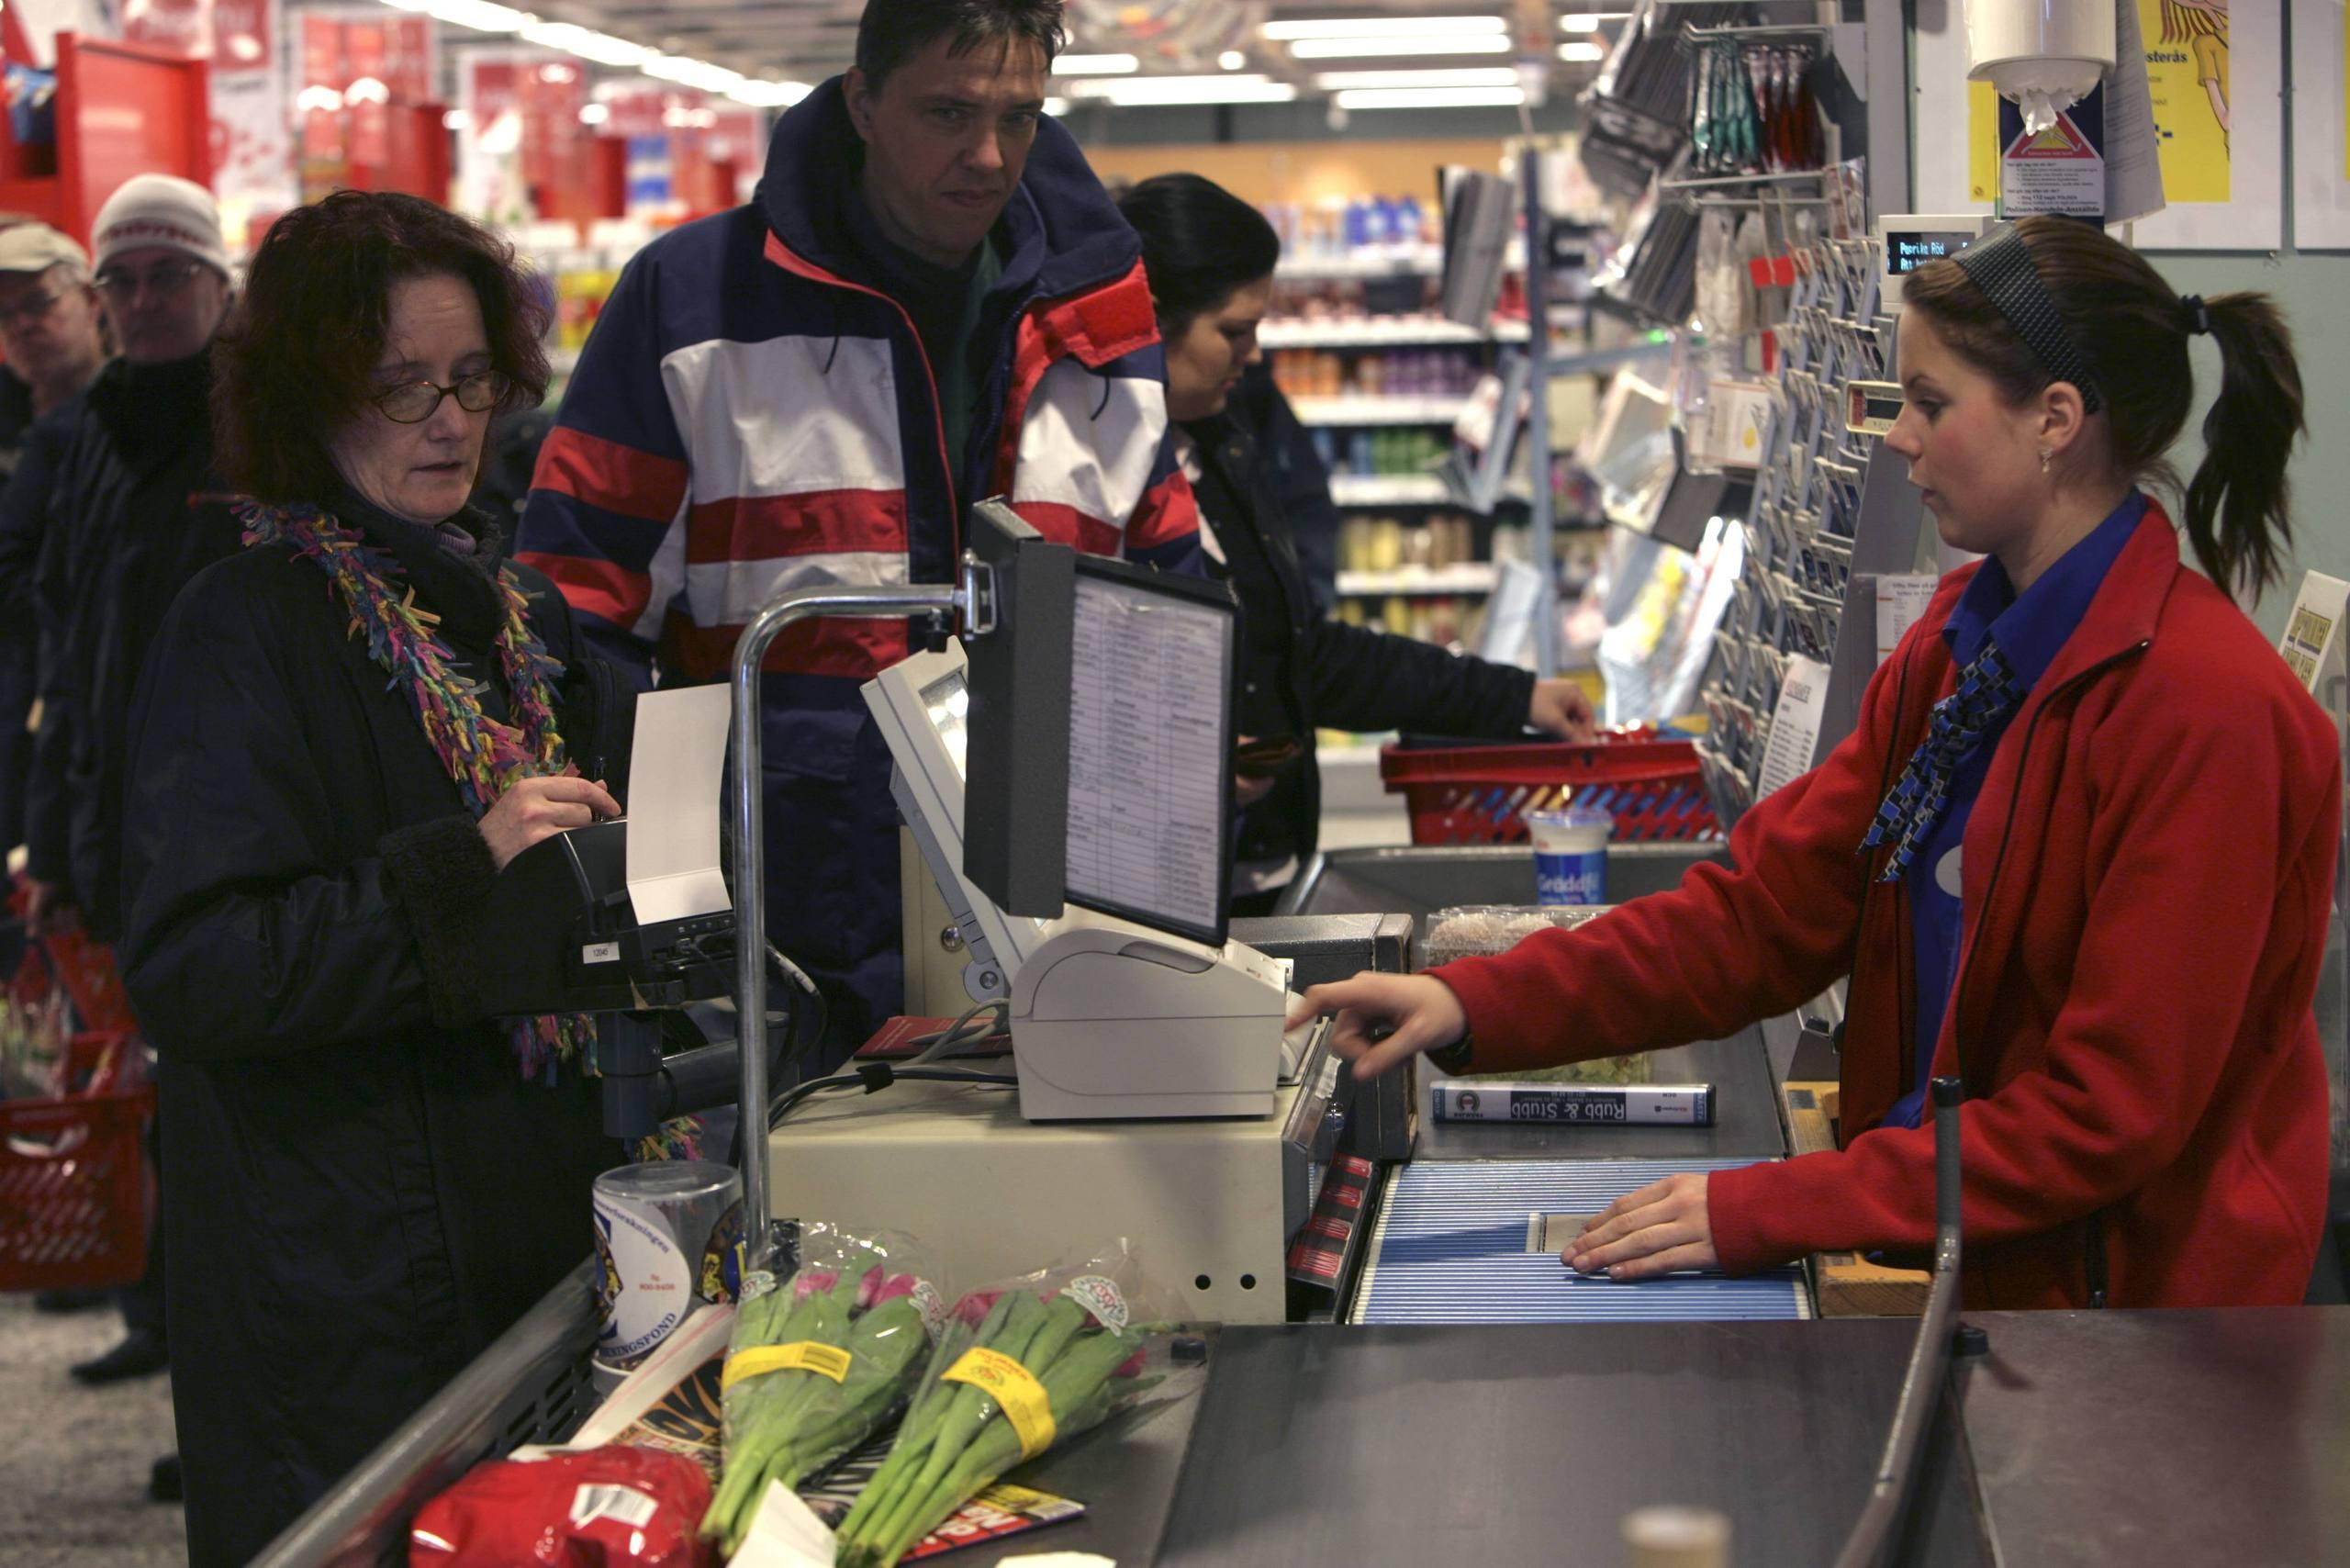 Muf nu behover sverige en modern arbetsmarknad